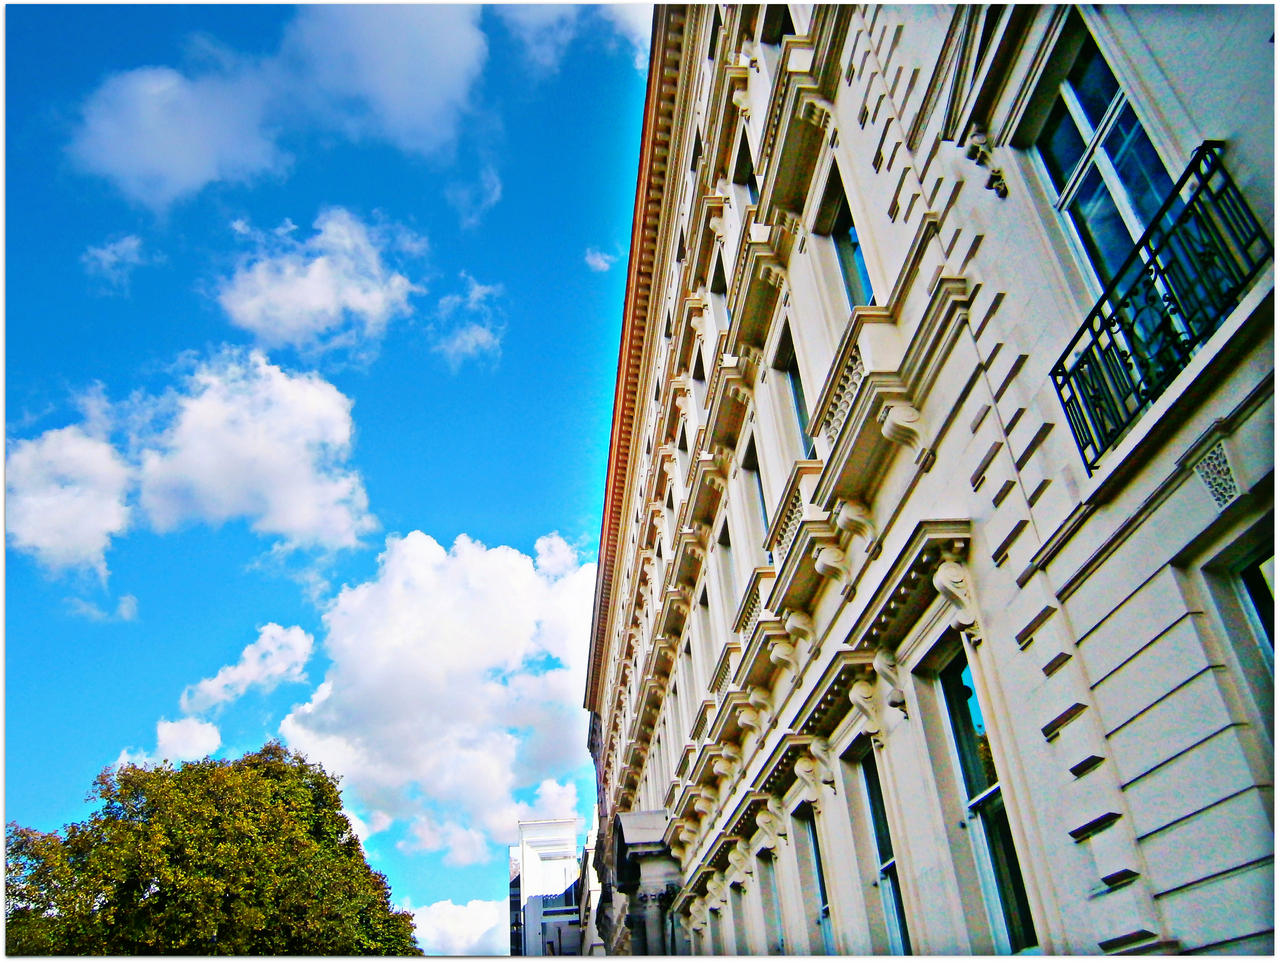 London by GraceDoragon